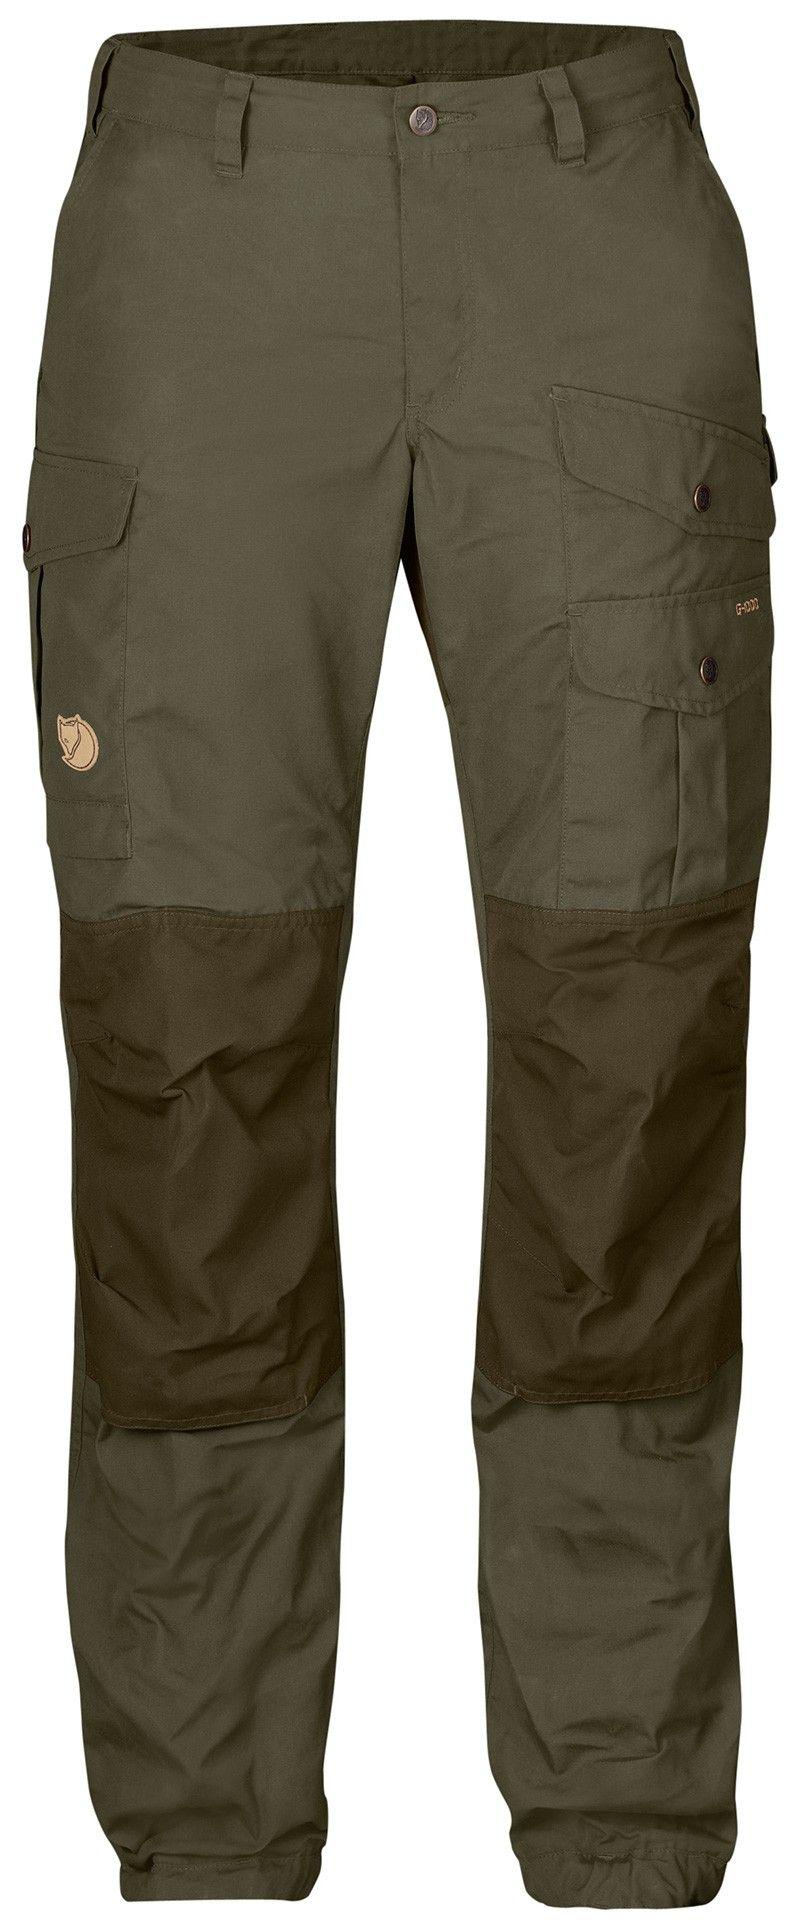 Vidda Pro Trousers W Regular | Fjällräven Canada